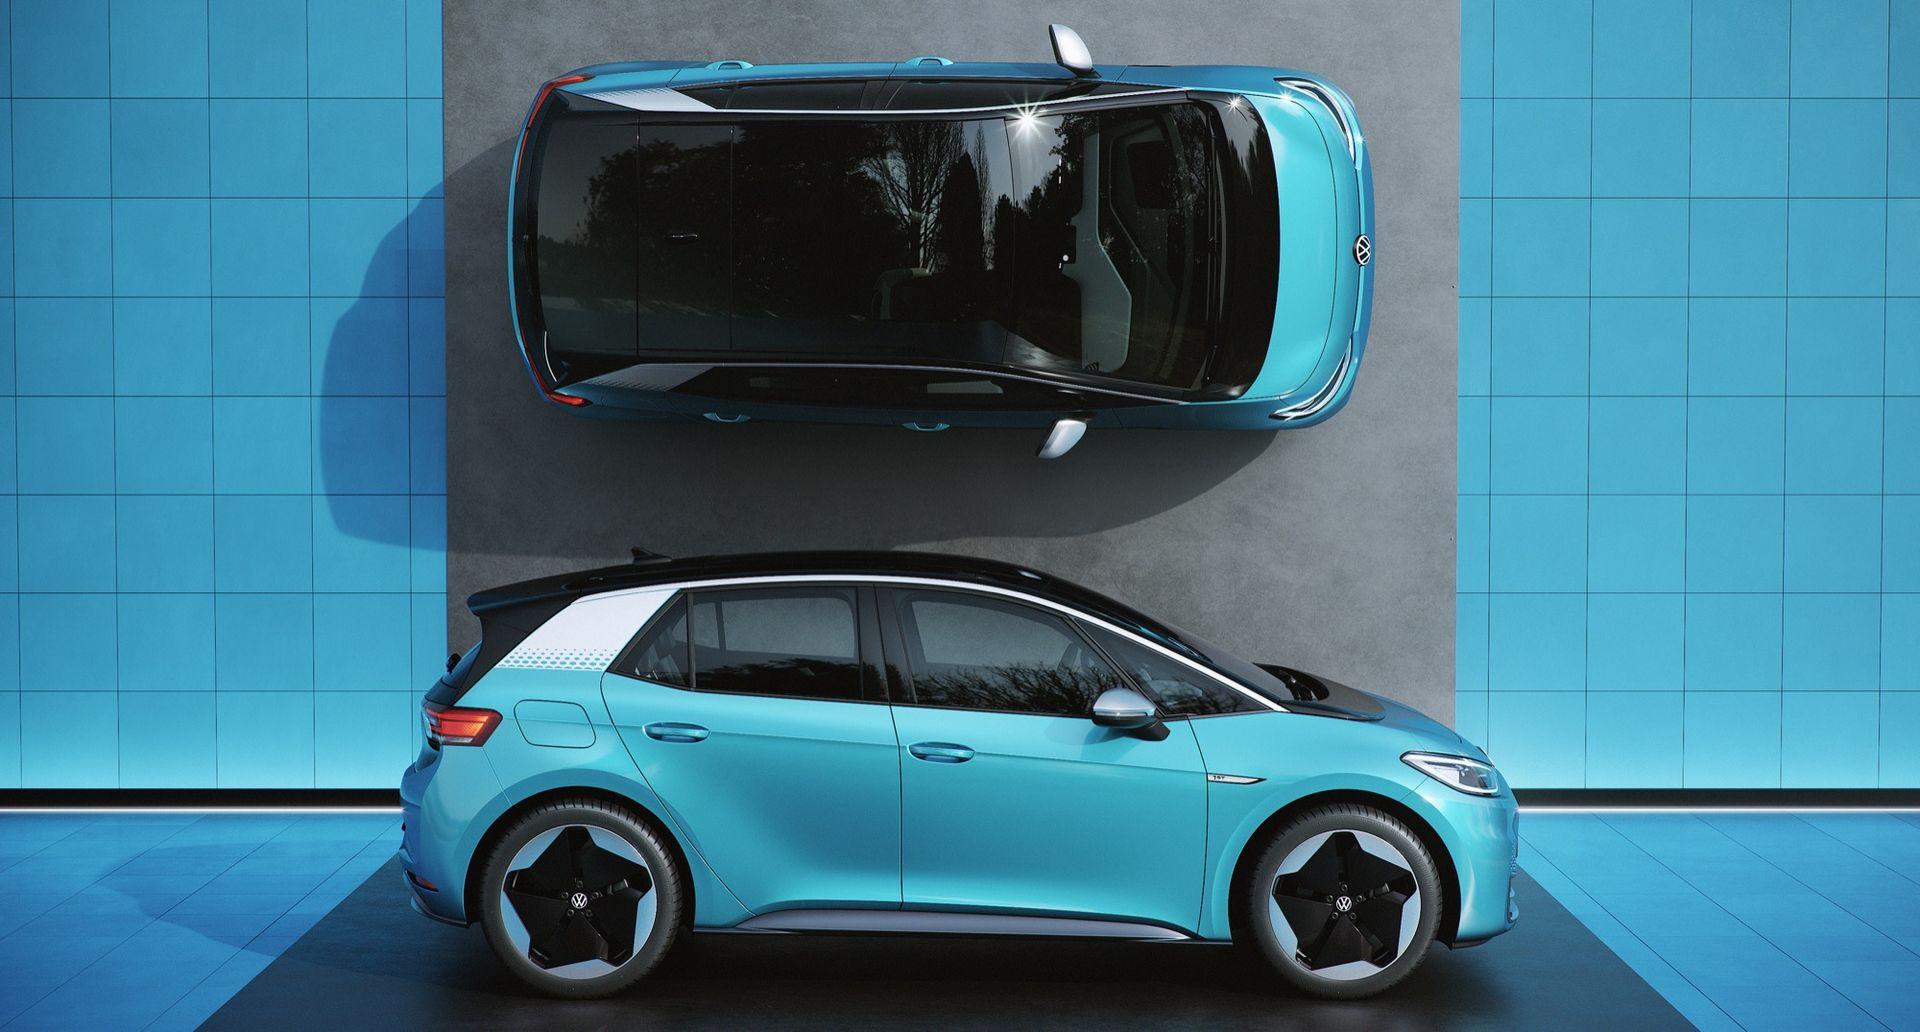 Försäljningen av Volkswagen ID.3 drar igång 20 juli